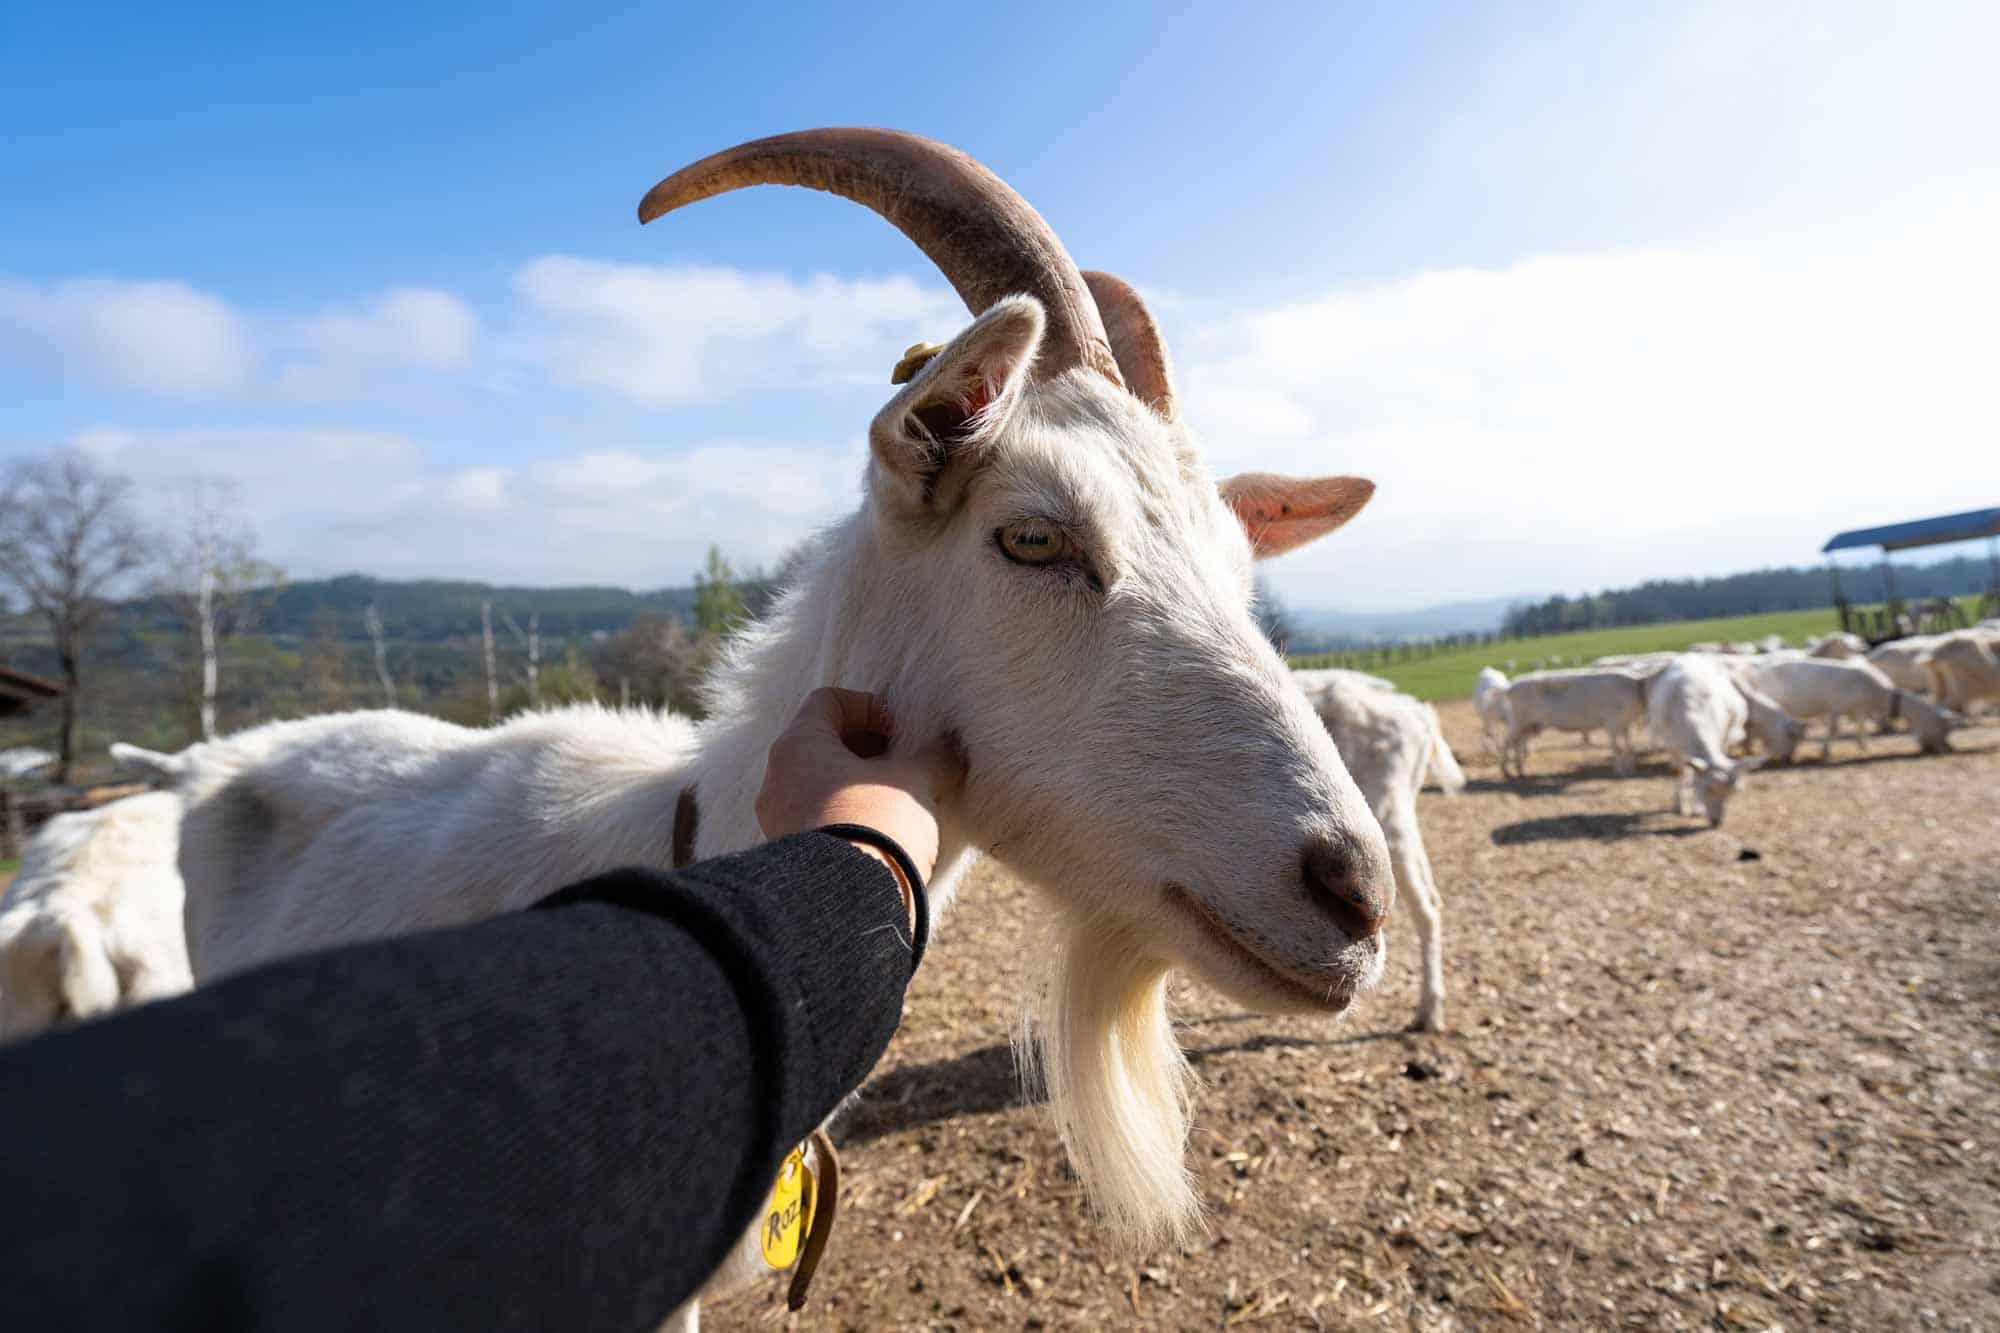 Goat Farm South Bohemia Itinerary